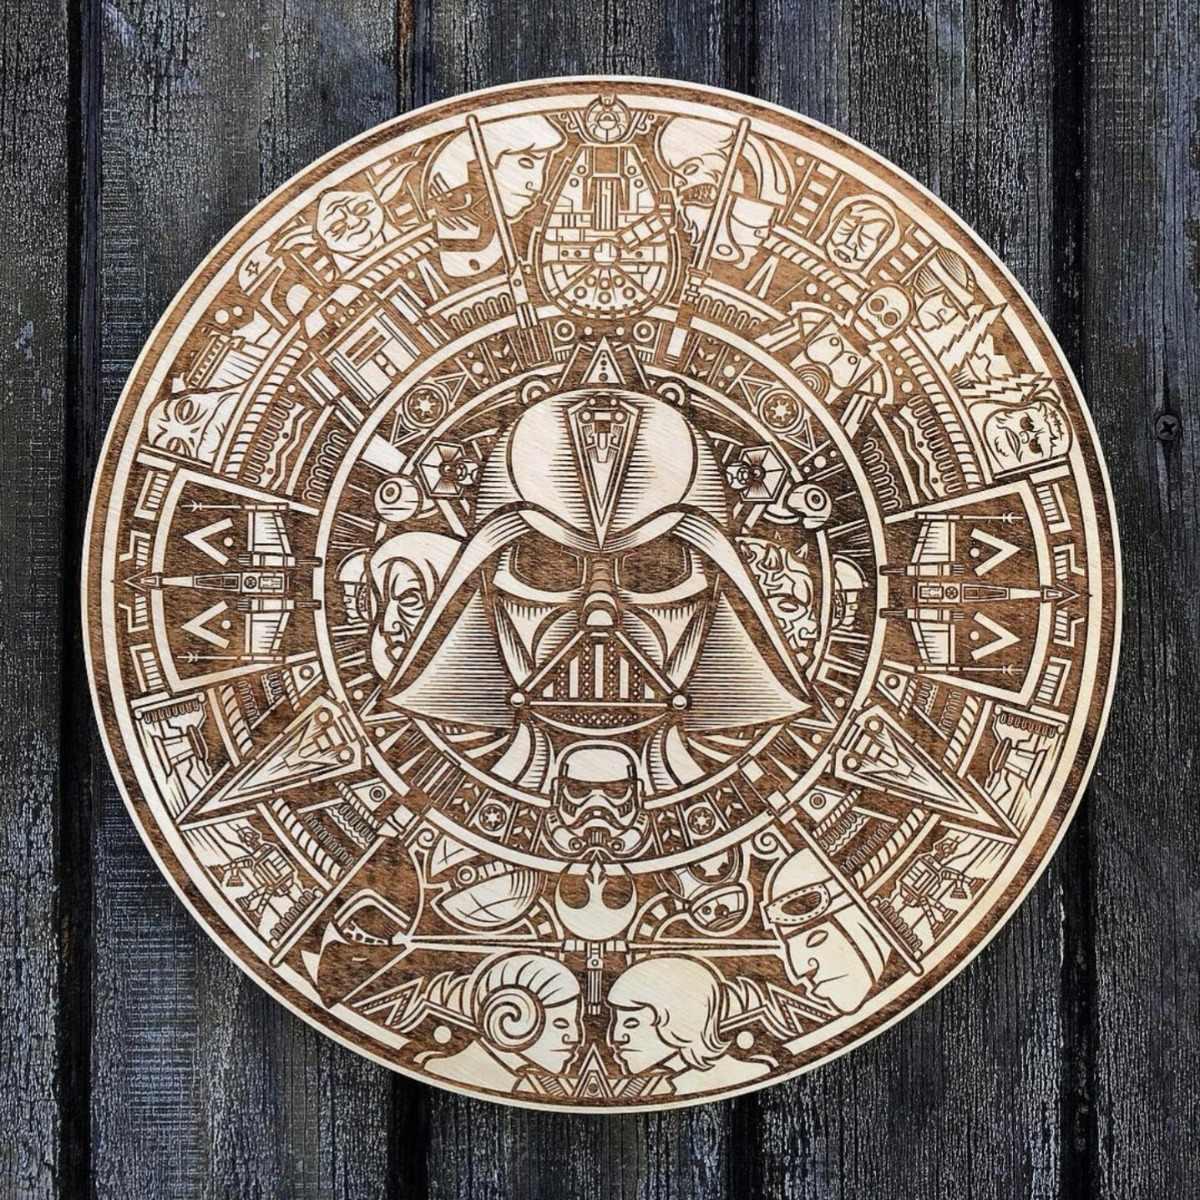 Calendario Azteca Vectores.Calendario Azteca Starwars Vector Cnc Grabadolaser Srgrfia